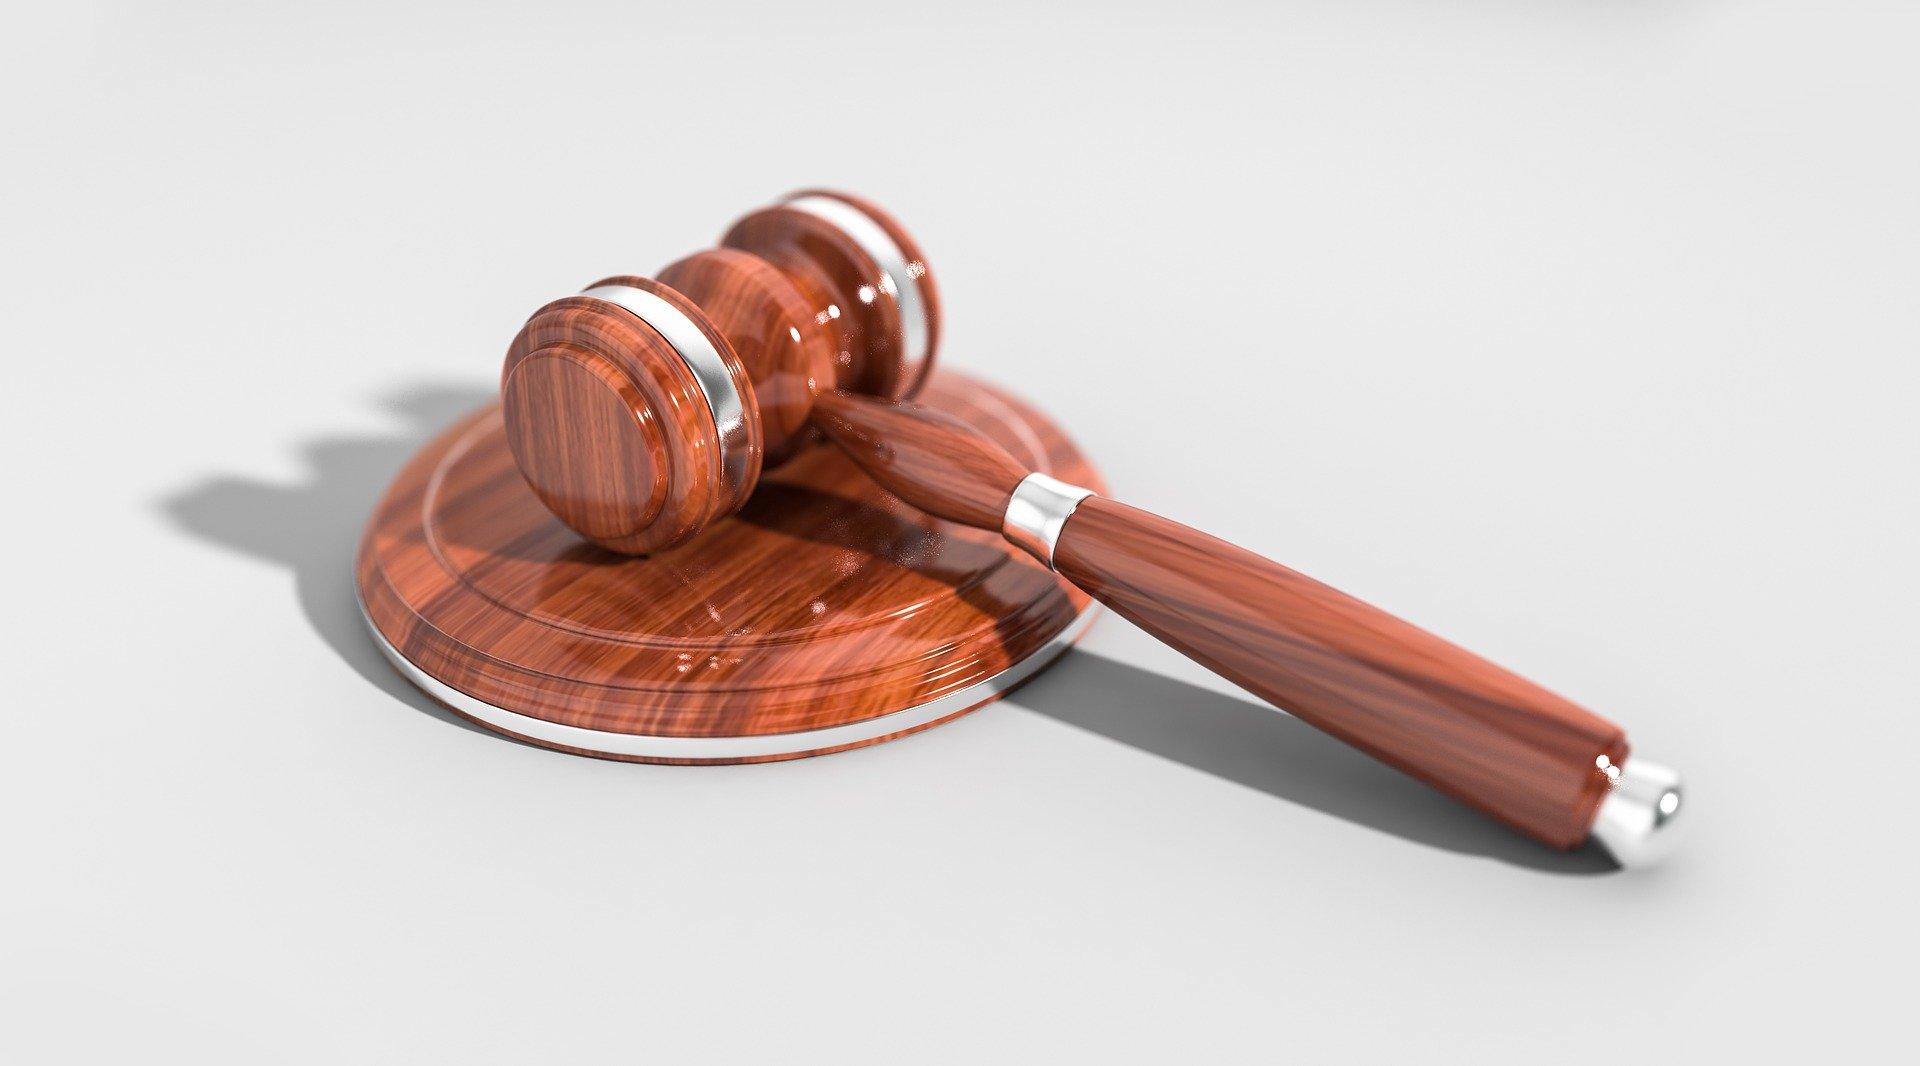 Четверо крымчан выплатят штрафы за сокрытие сведений об участнике запрещённой террористической организации